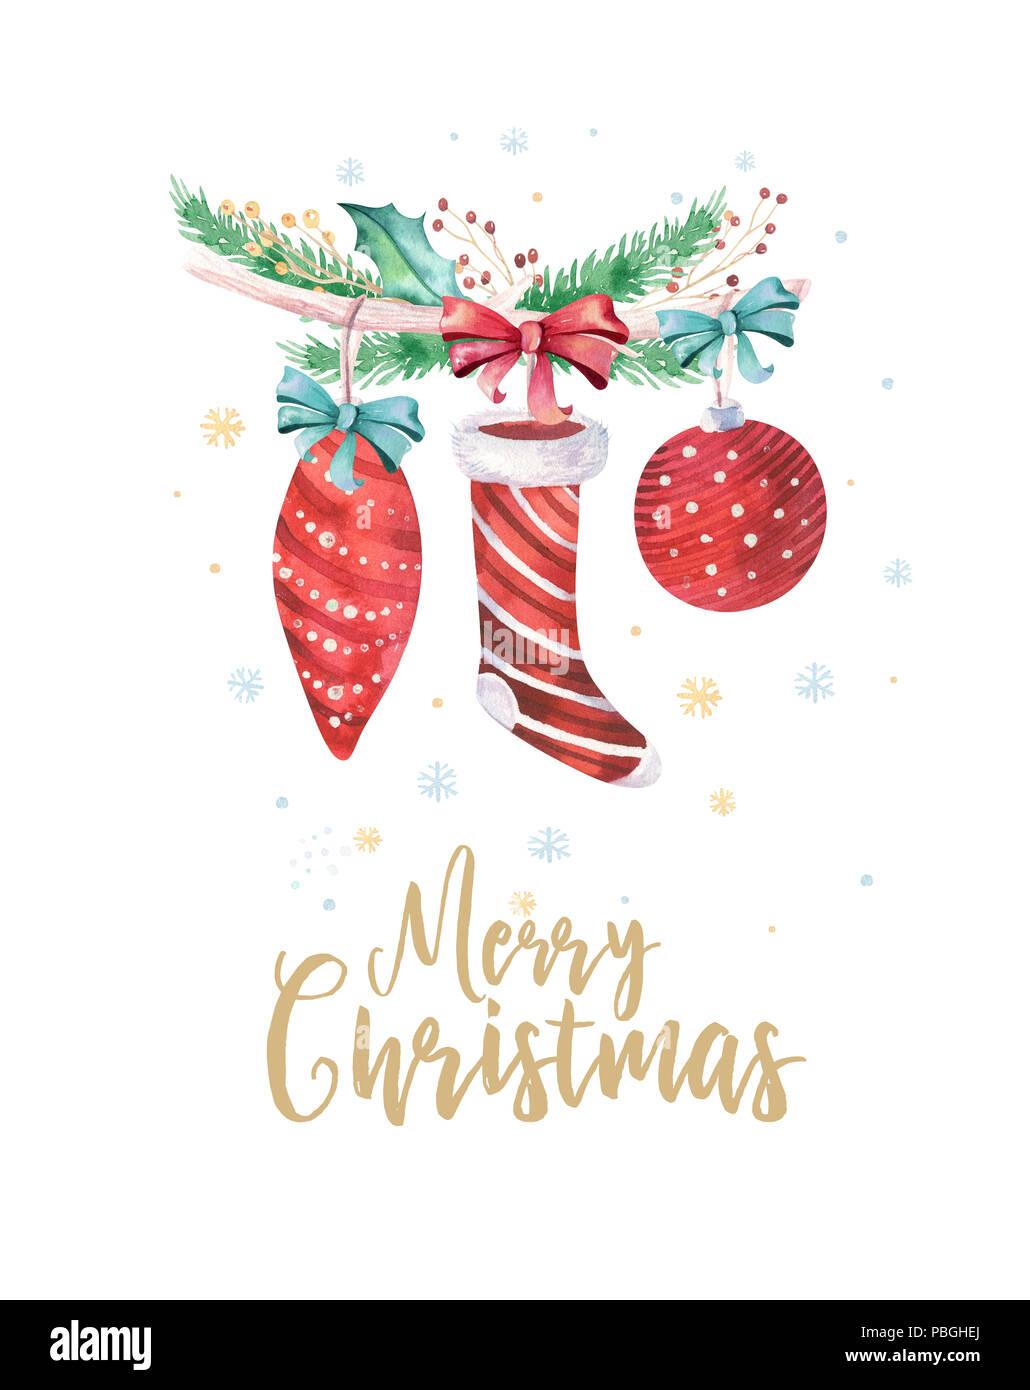 Weihnachten Urlaub 2019.Frohe Weihnachten Und Ein Glückliches Neues Jahr 2019 Dekoration